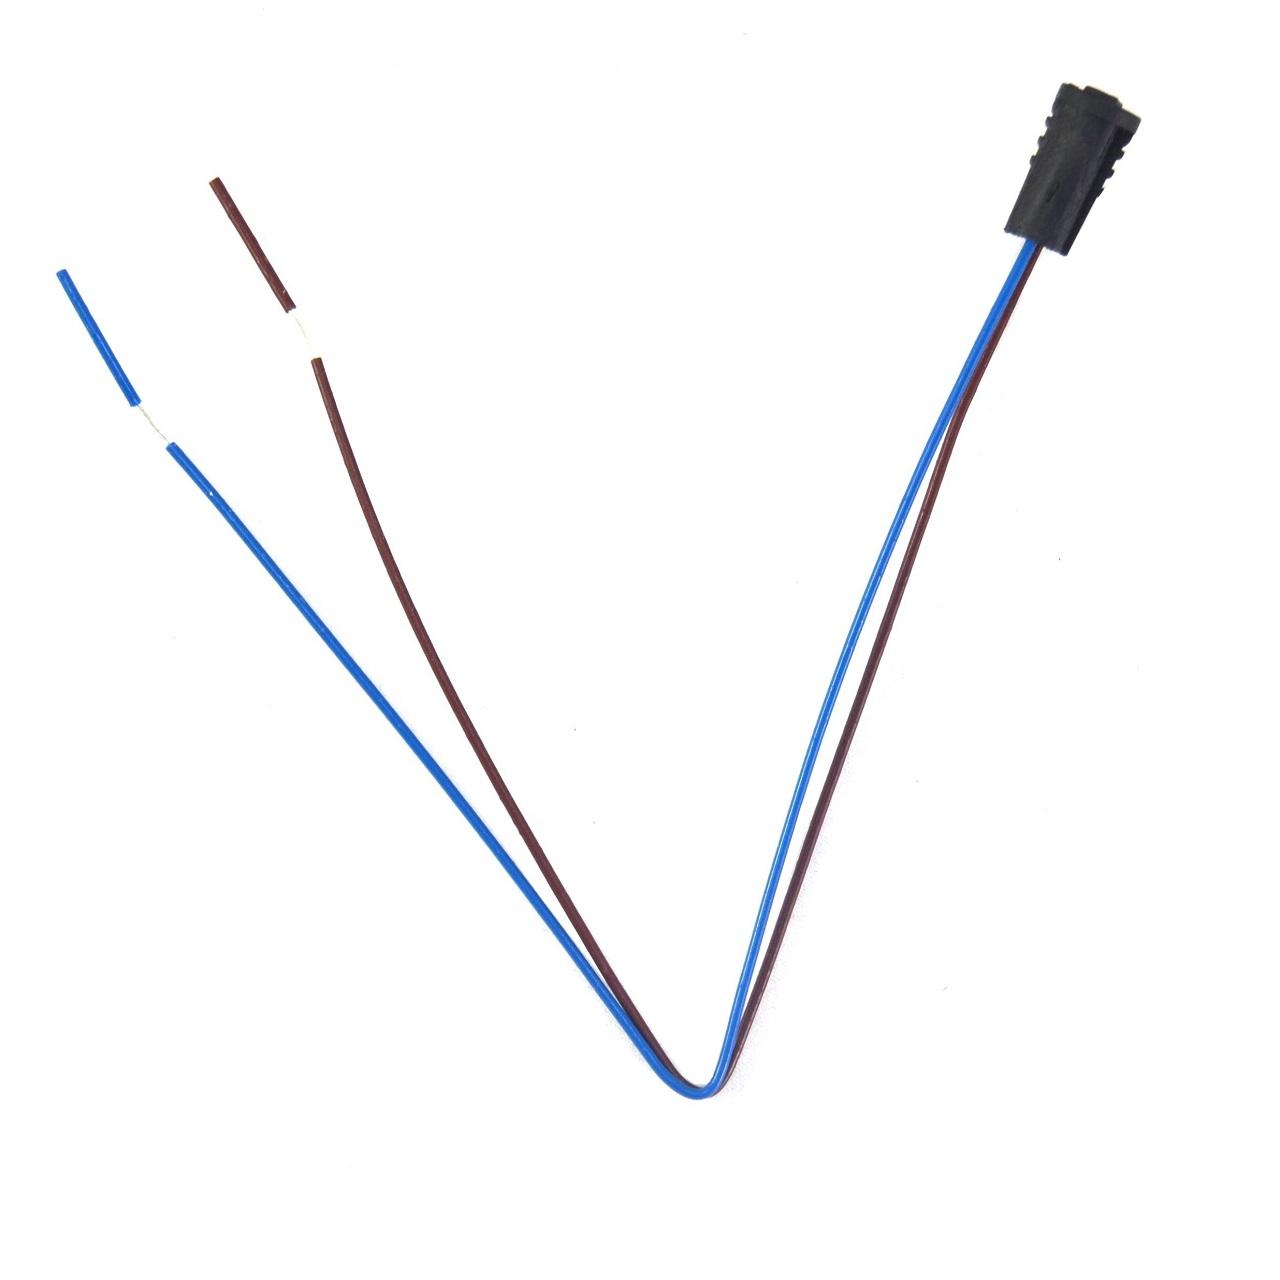 سوکت لامپ هالوژن پایه G4 مدل KYV بسته 5 عددی